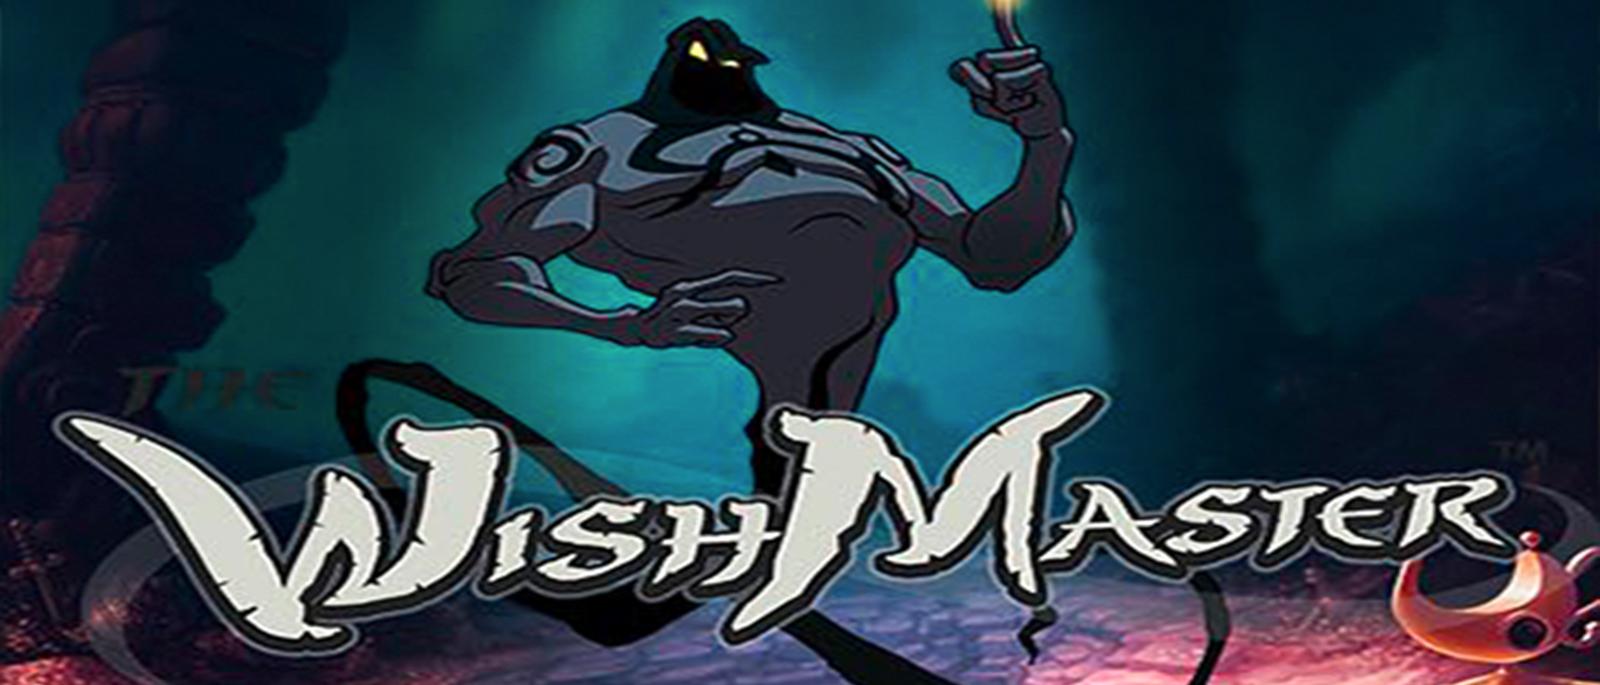 the wish master spielen